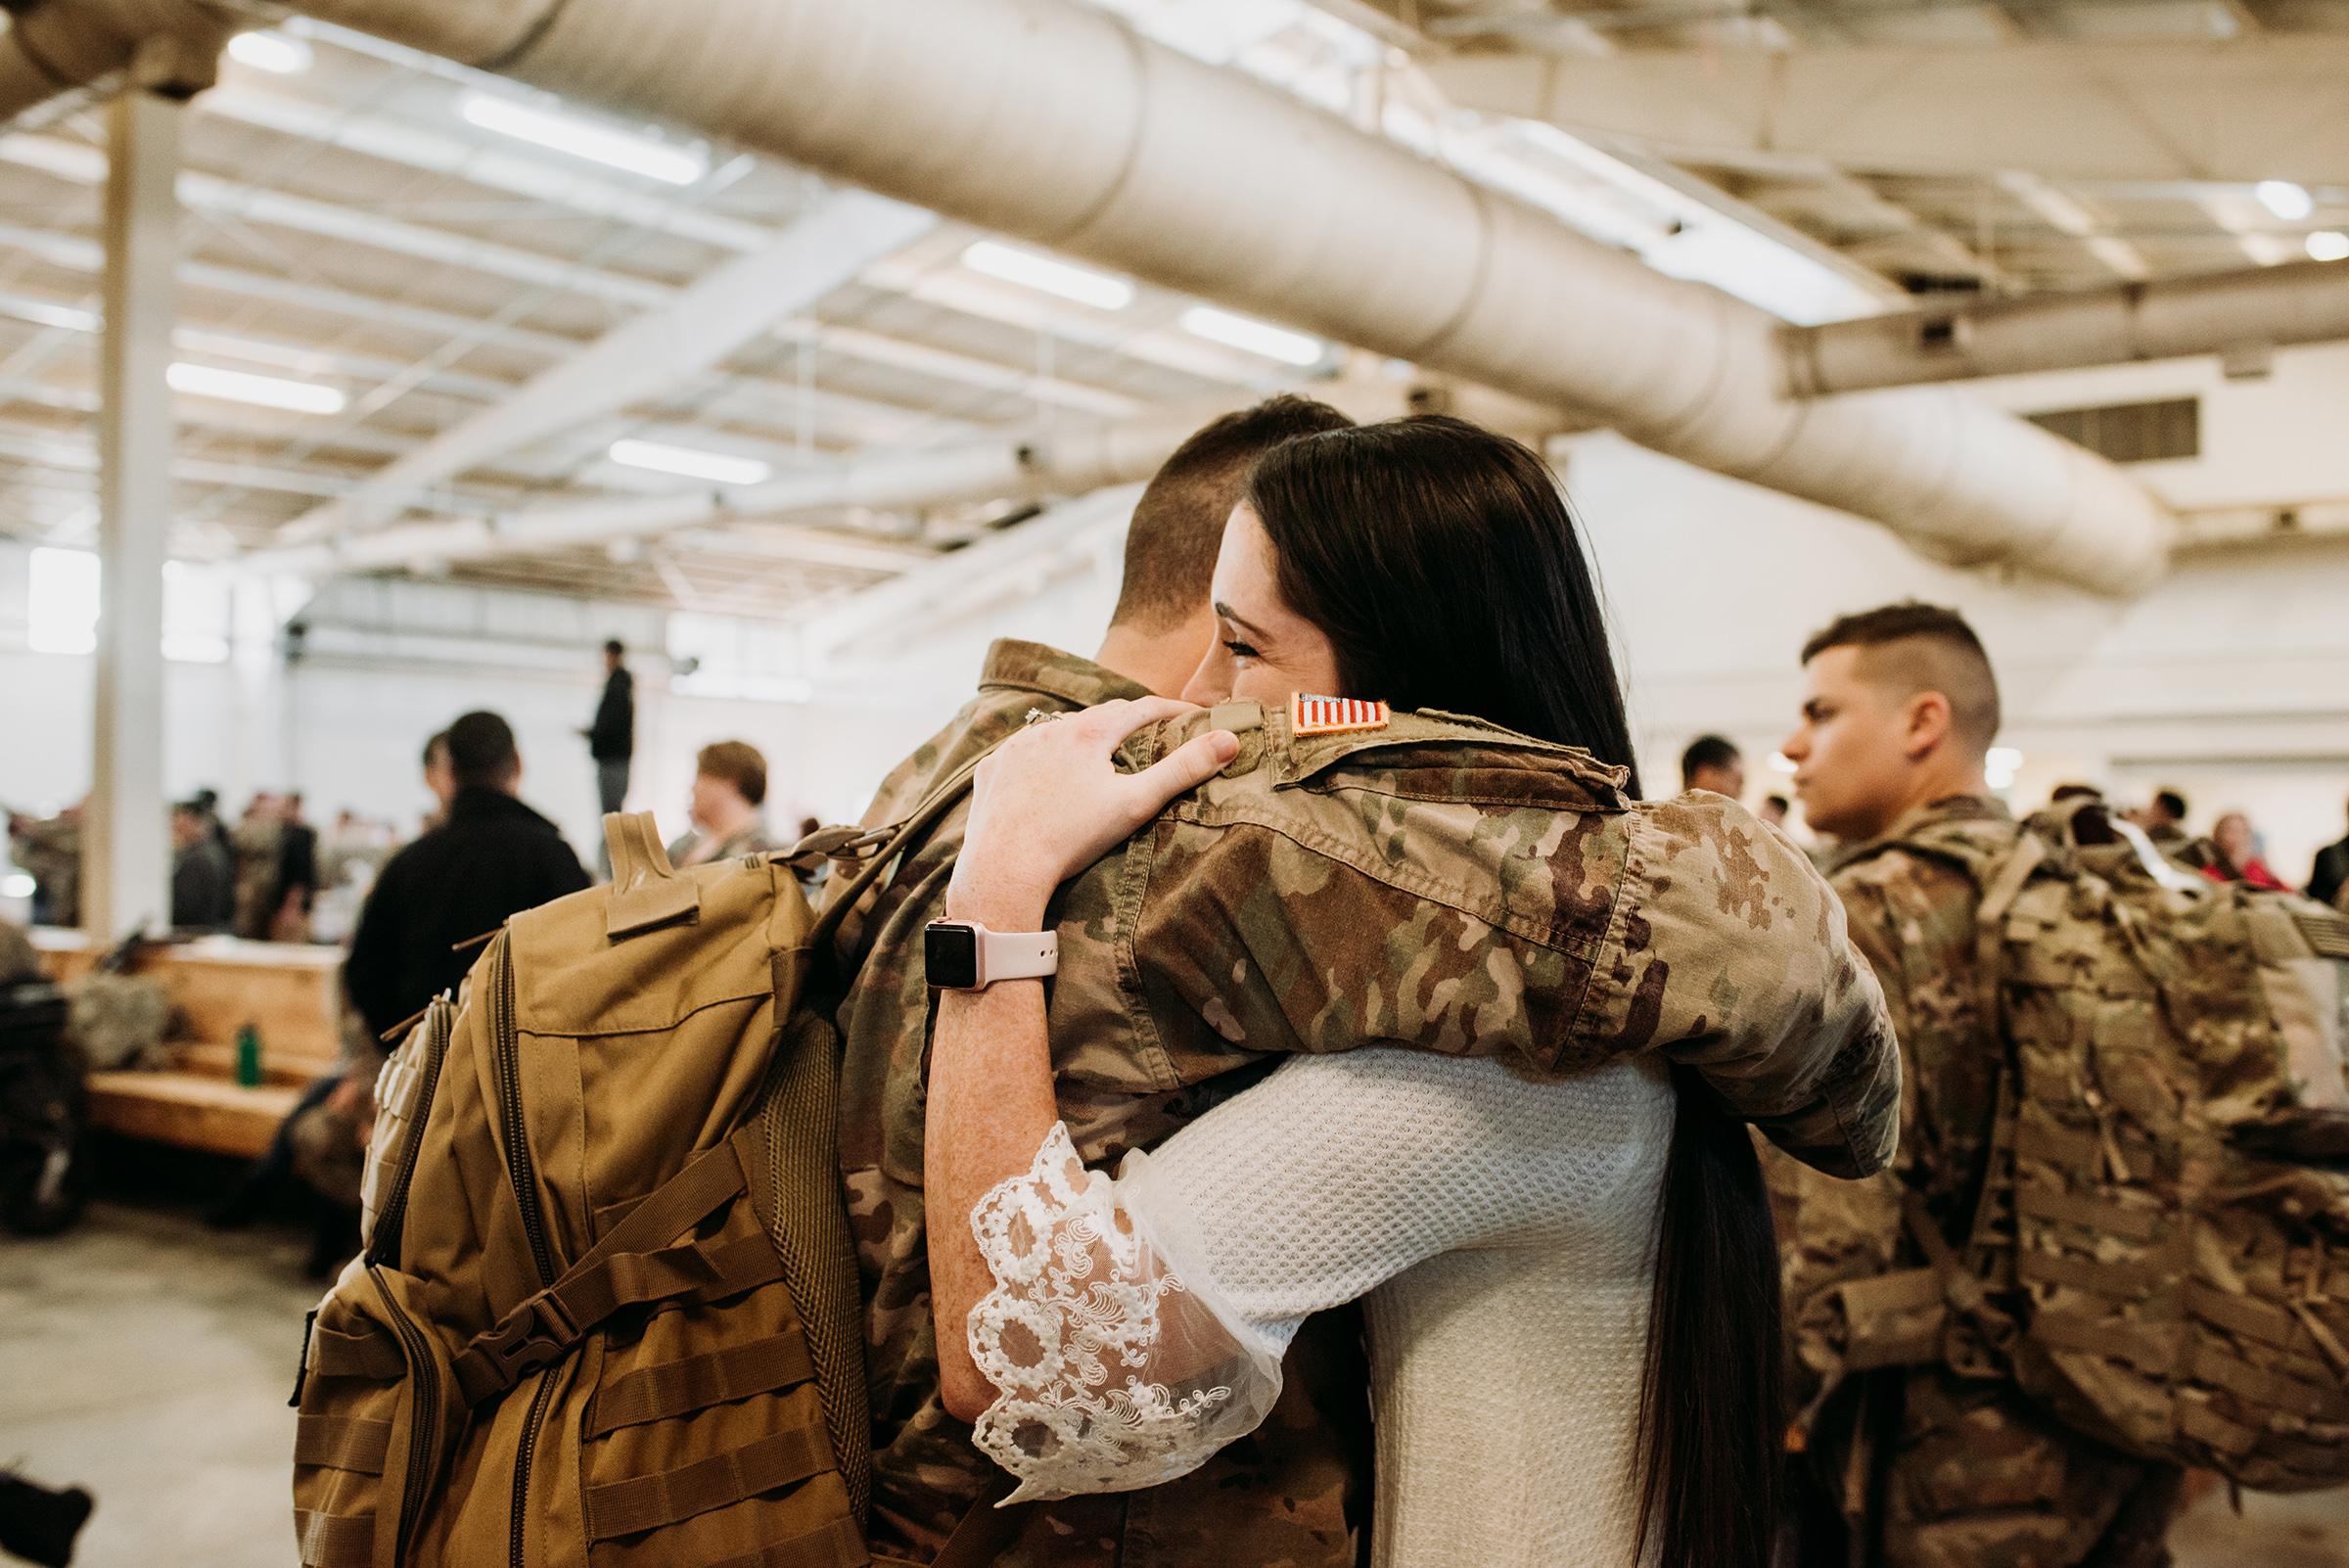 Lots of hugs.